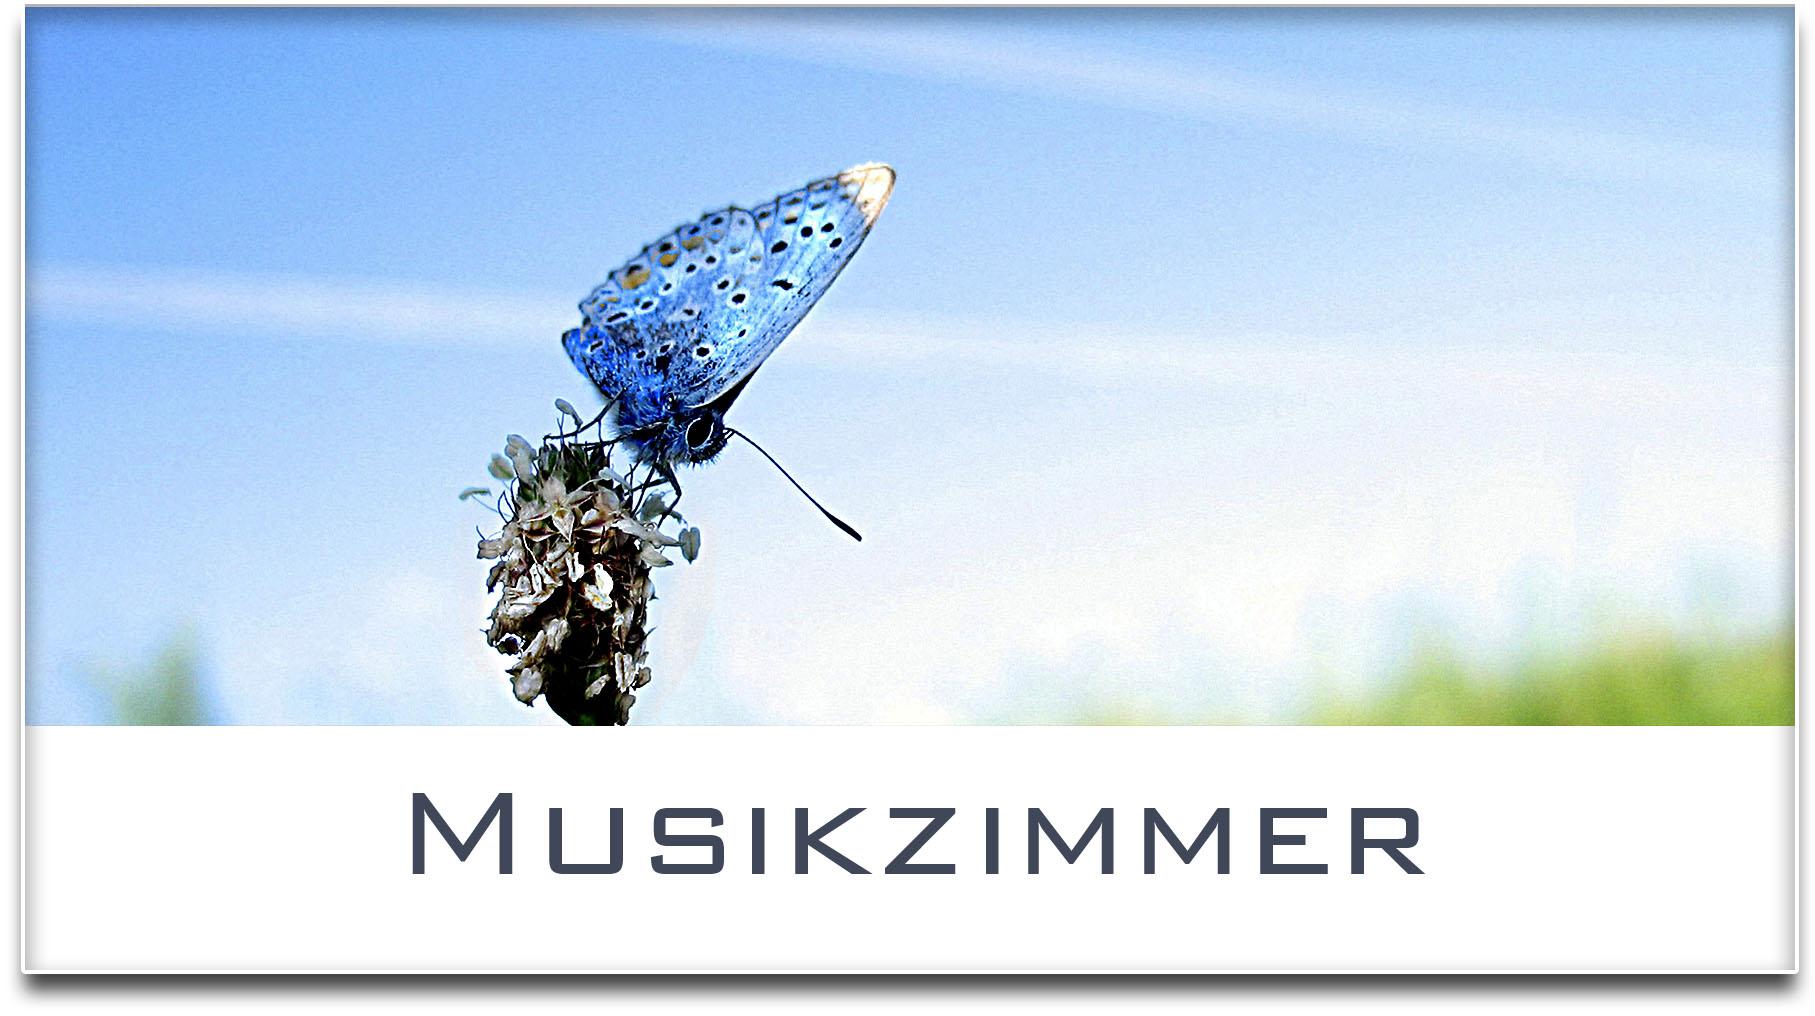 Türschild / Haustürschild / Schmetterling / Musikzimmer / Selbstklebend